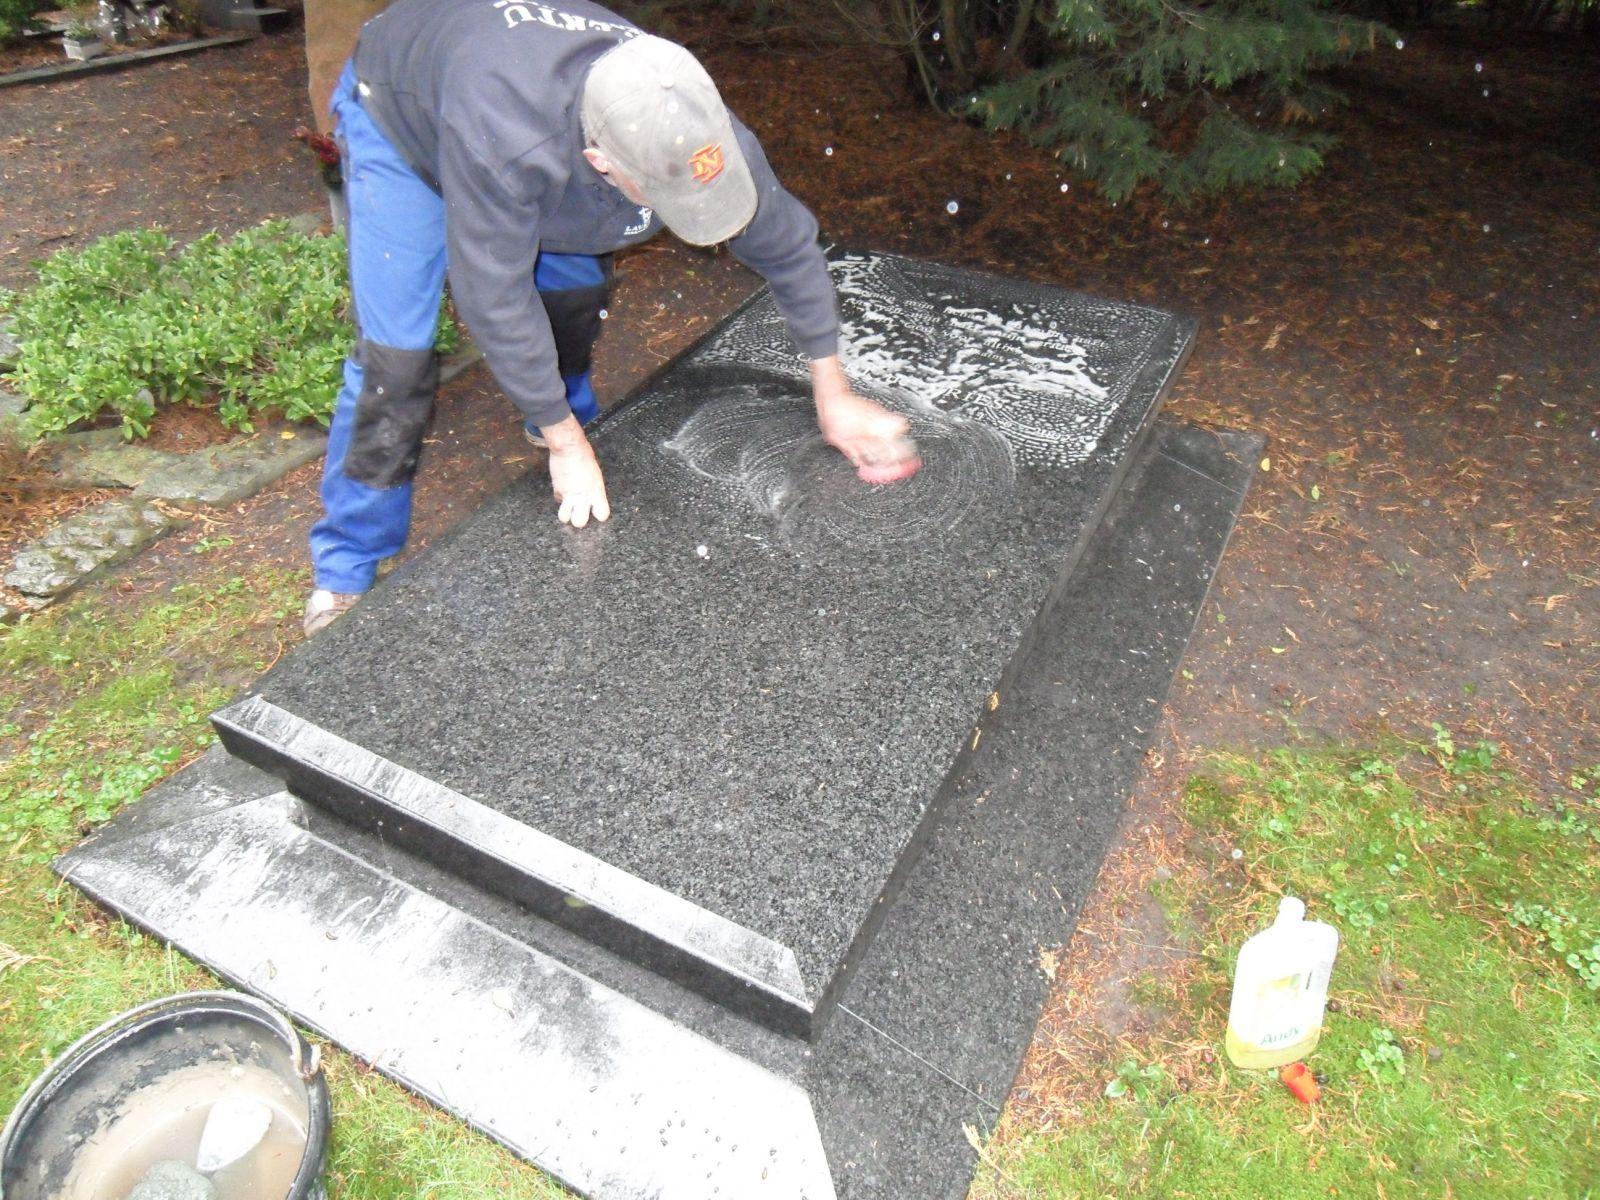 Grafsteen schoonmaken